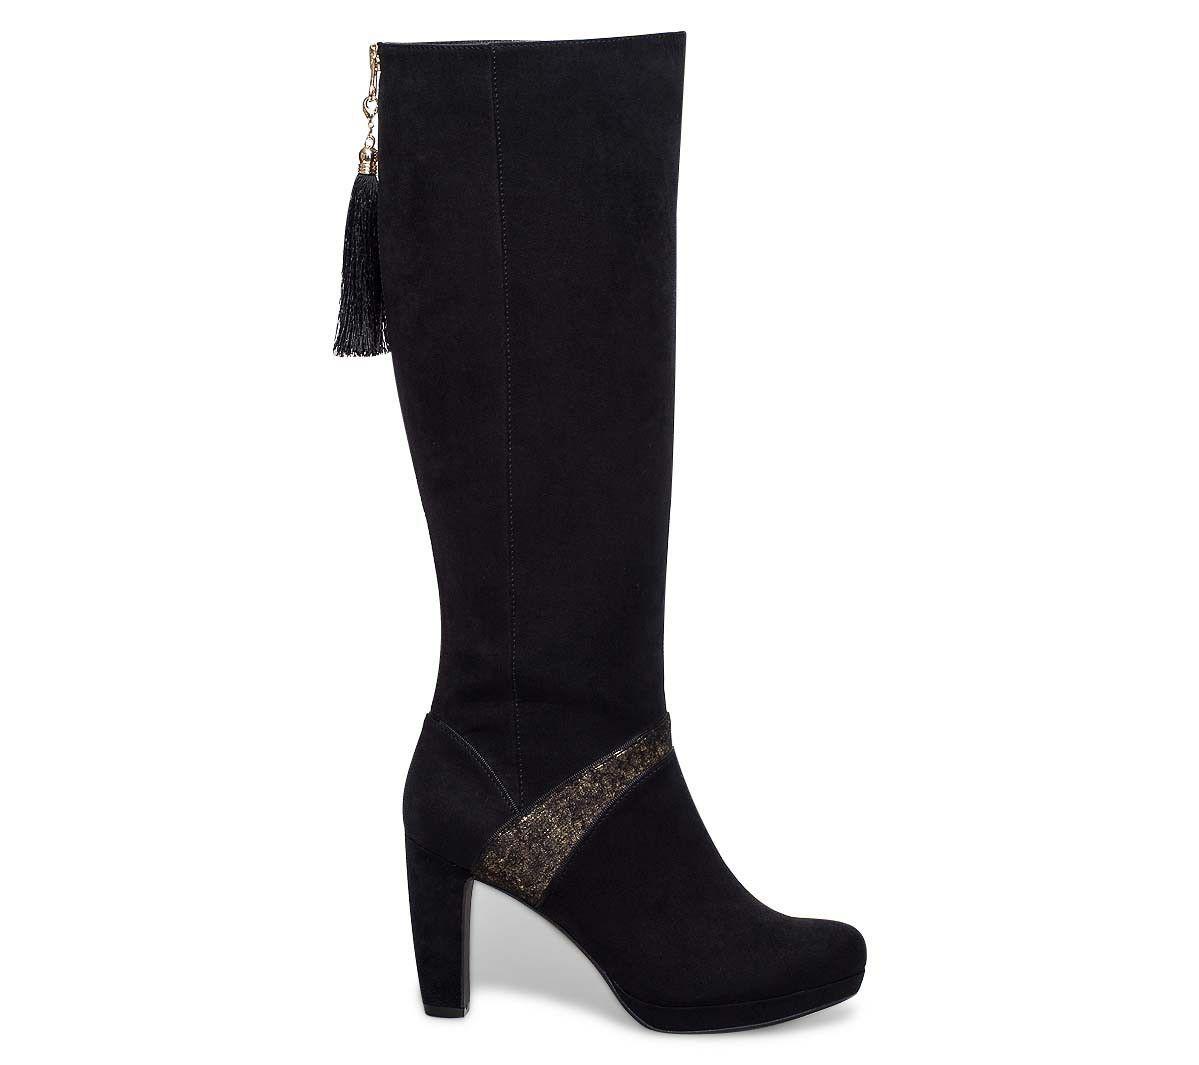 C M Bottines femme à pompoms Noir - Chaussures Bottine Femme